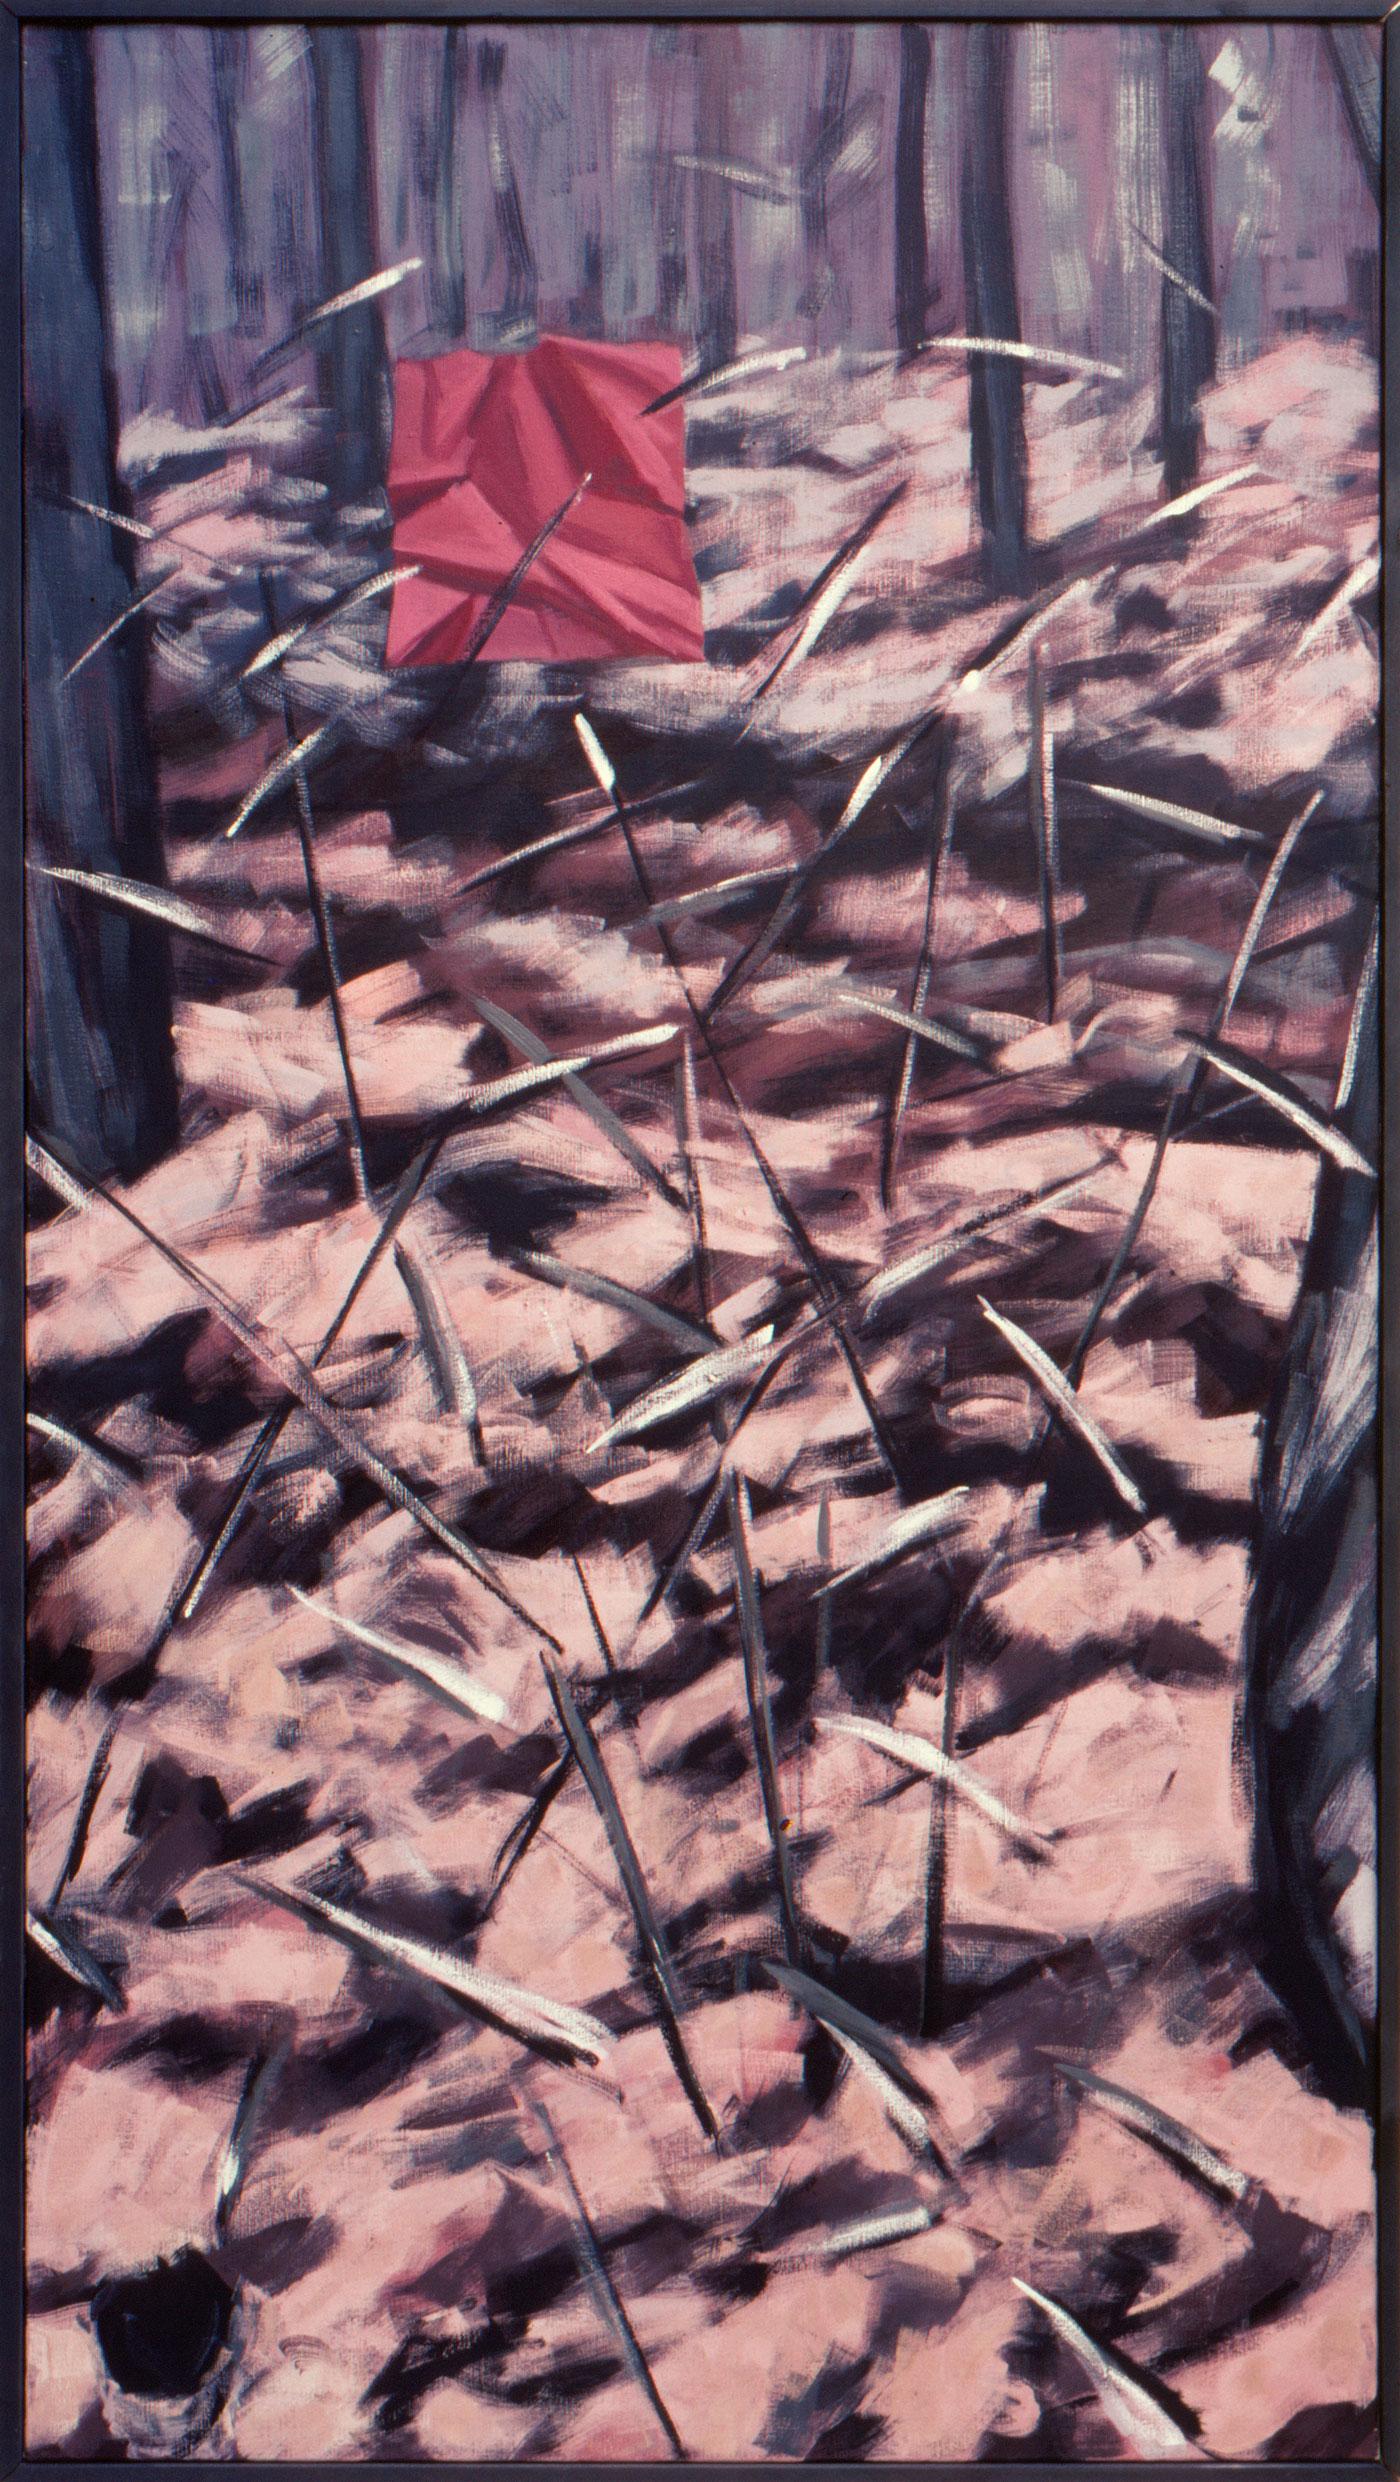 Bos met rood vierkant 1984 200x100